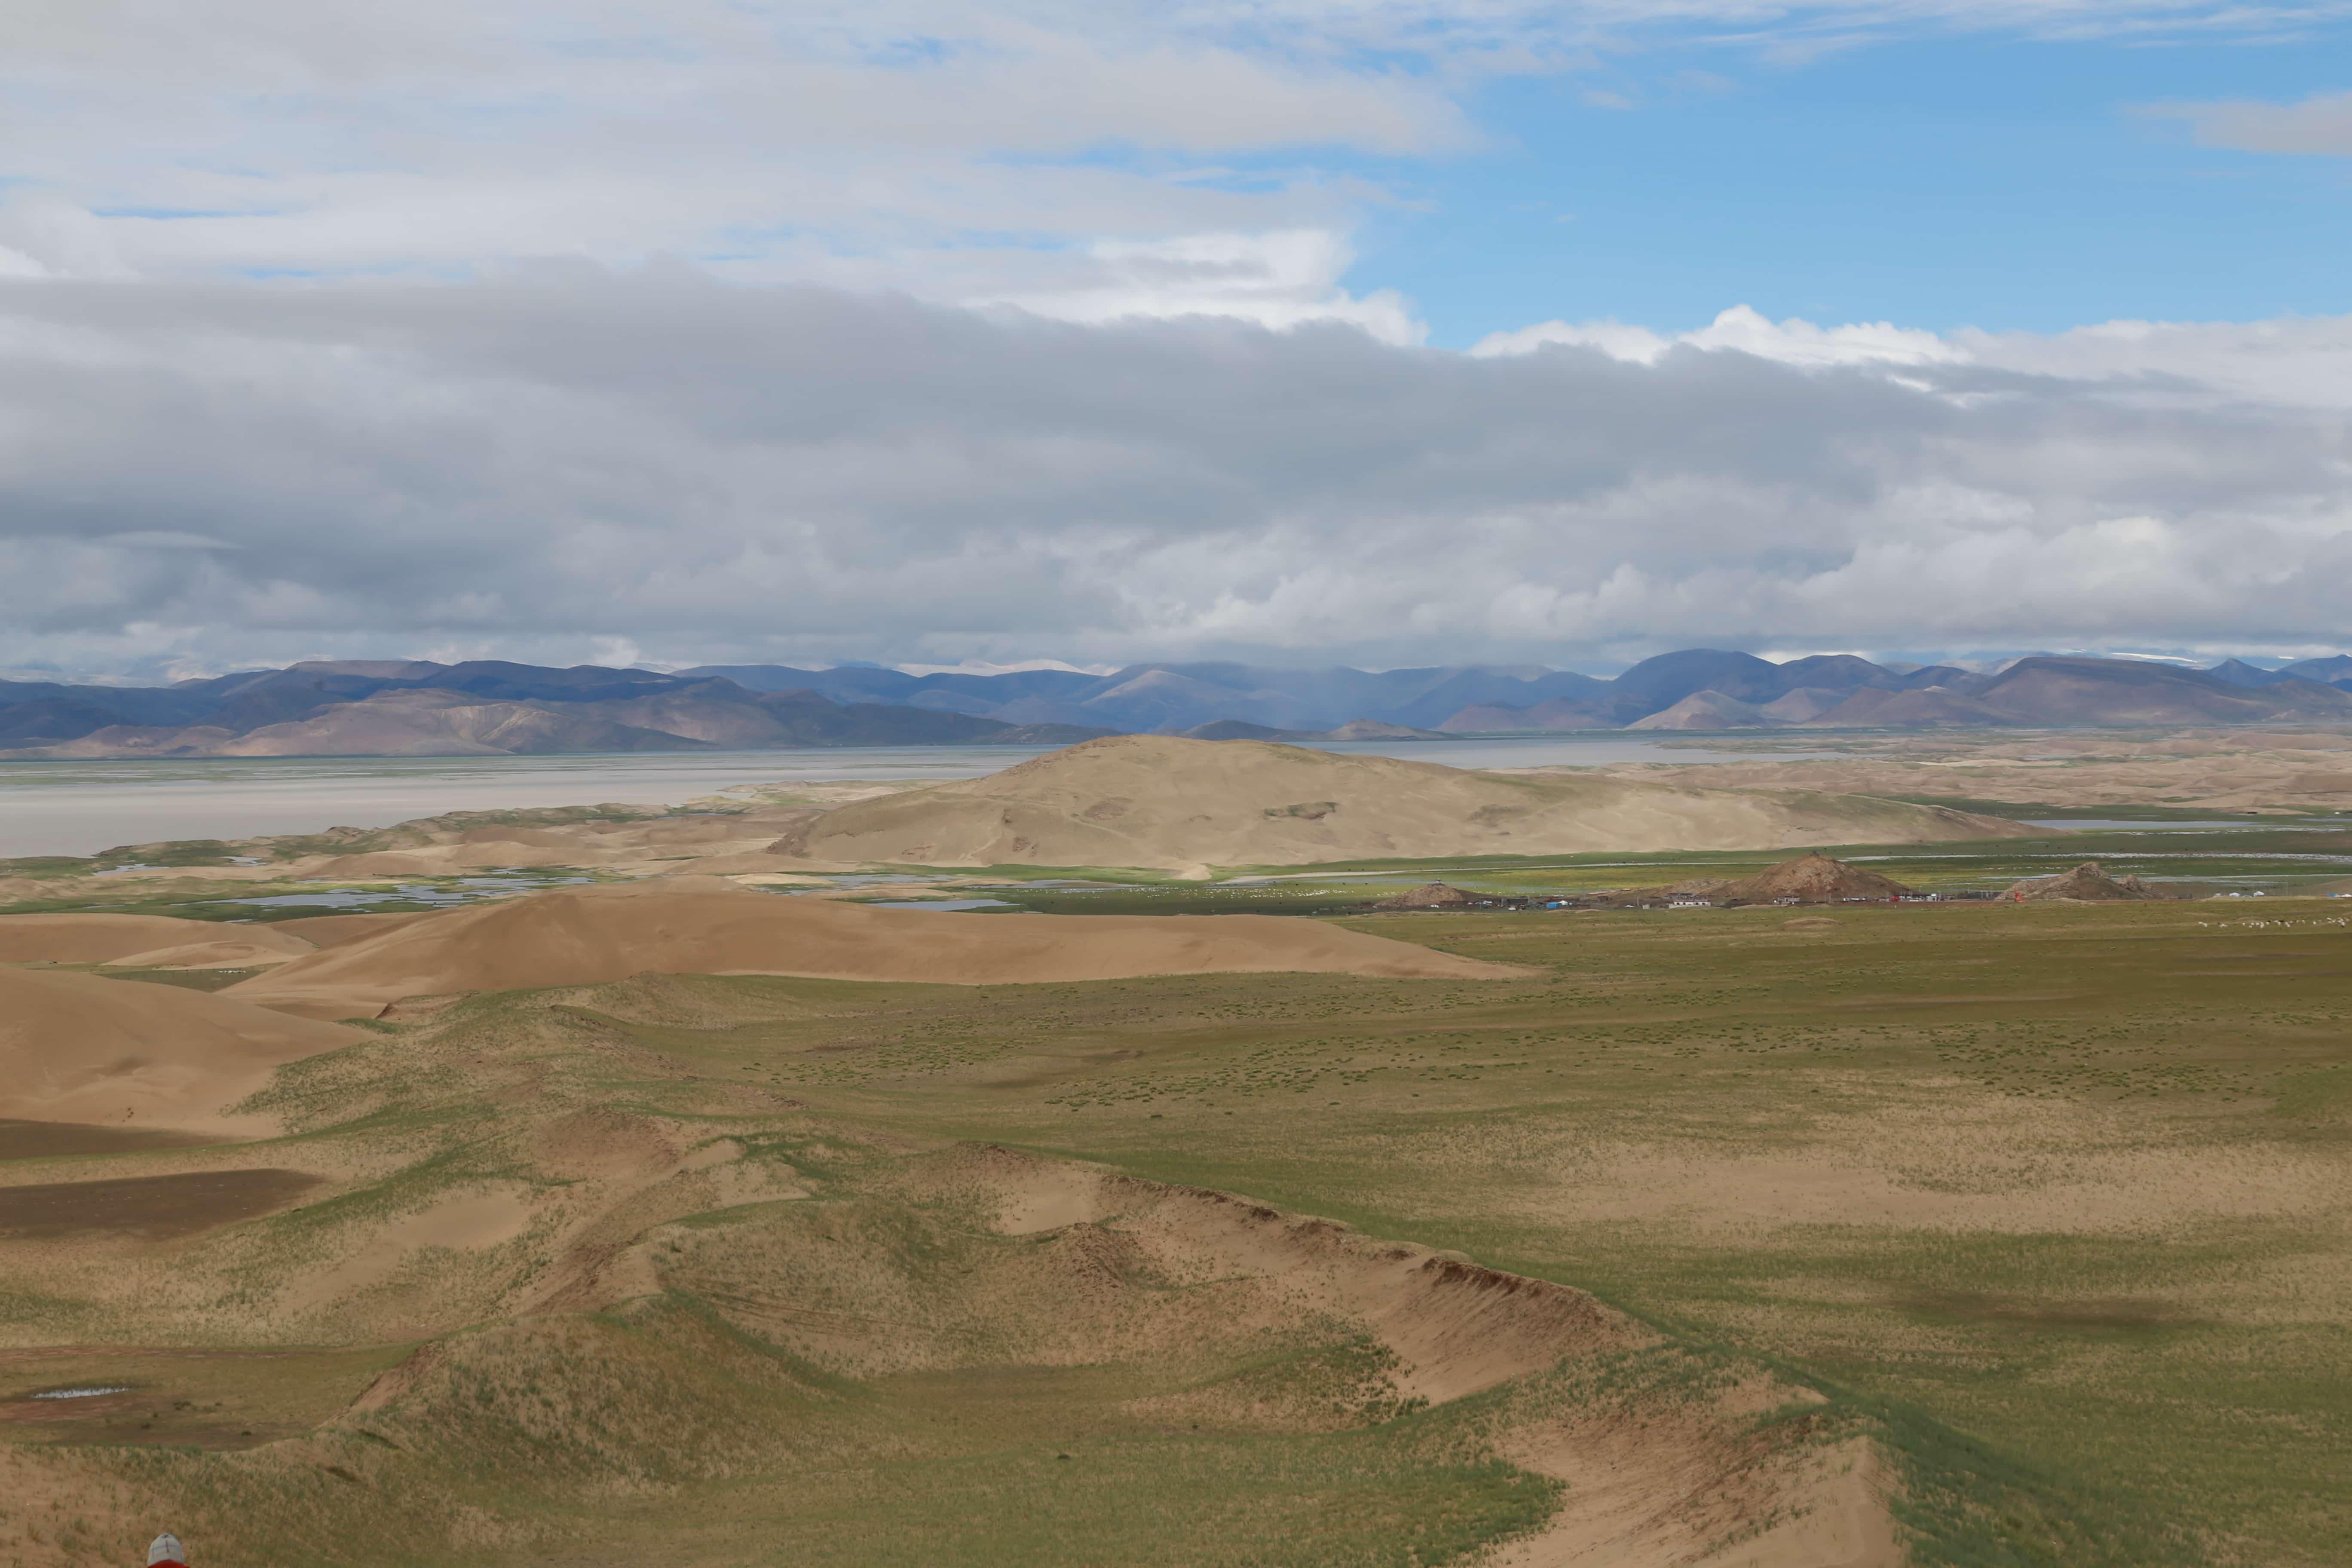 Sand dunes in Tibet